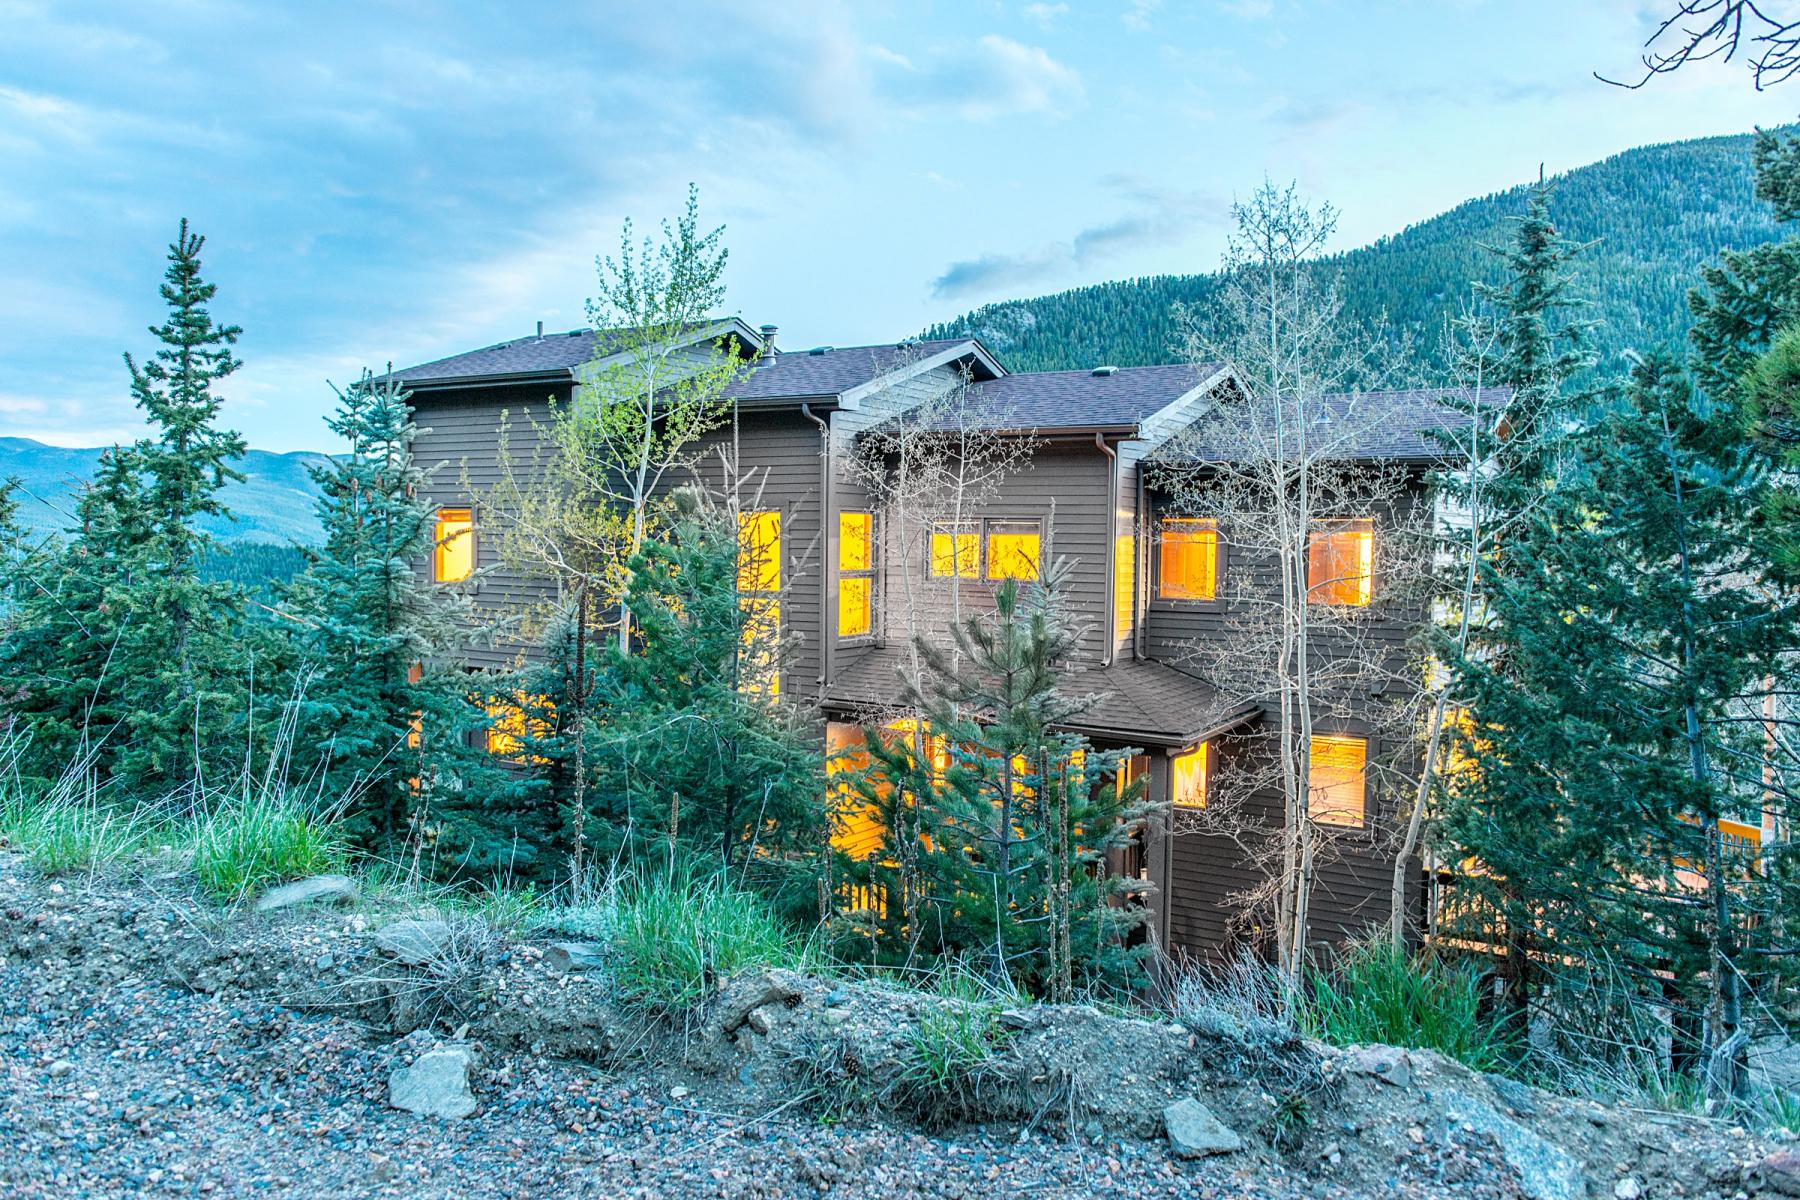 Частный односемейный дом для того Продажа на Layered Mountain Views 20 Aspen Circle Evergreen, Колорадо 80439 Соединенные Штаты